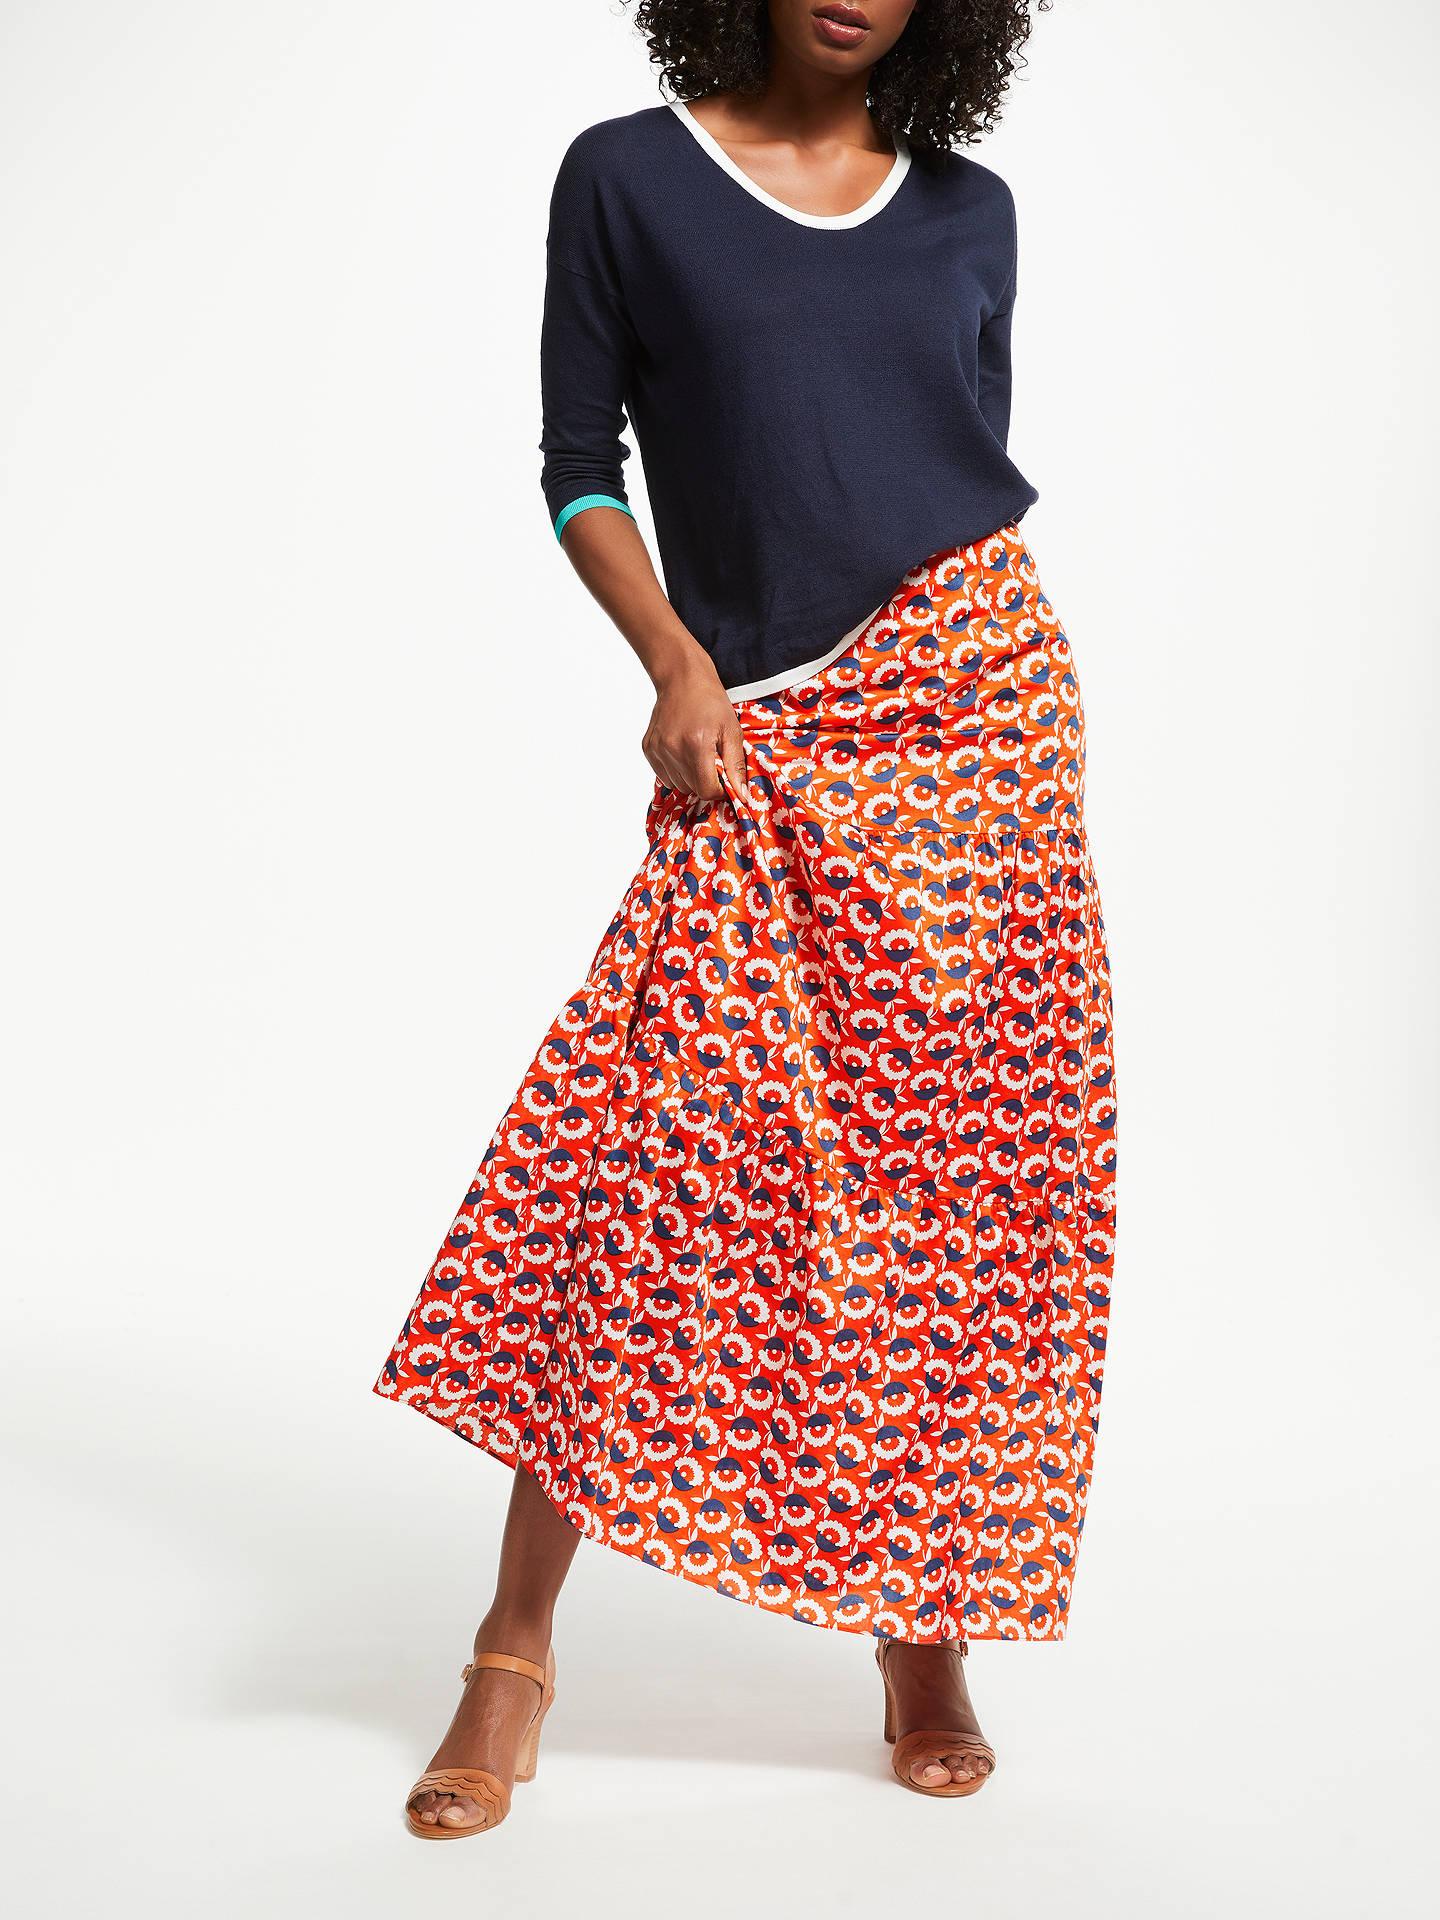 a608353c5 Boden Full Skirt Maxi Dress – DACC